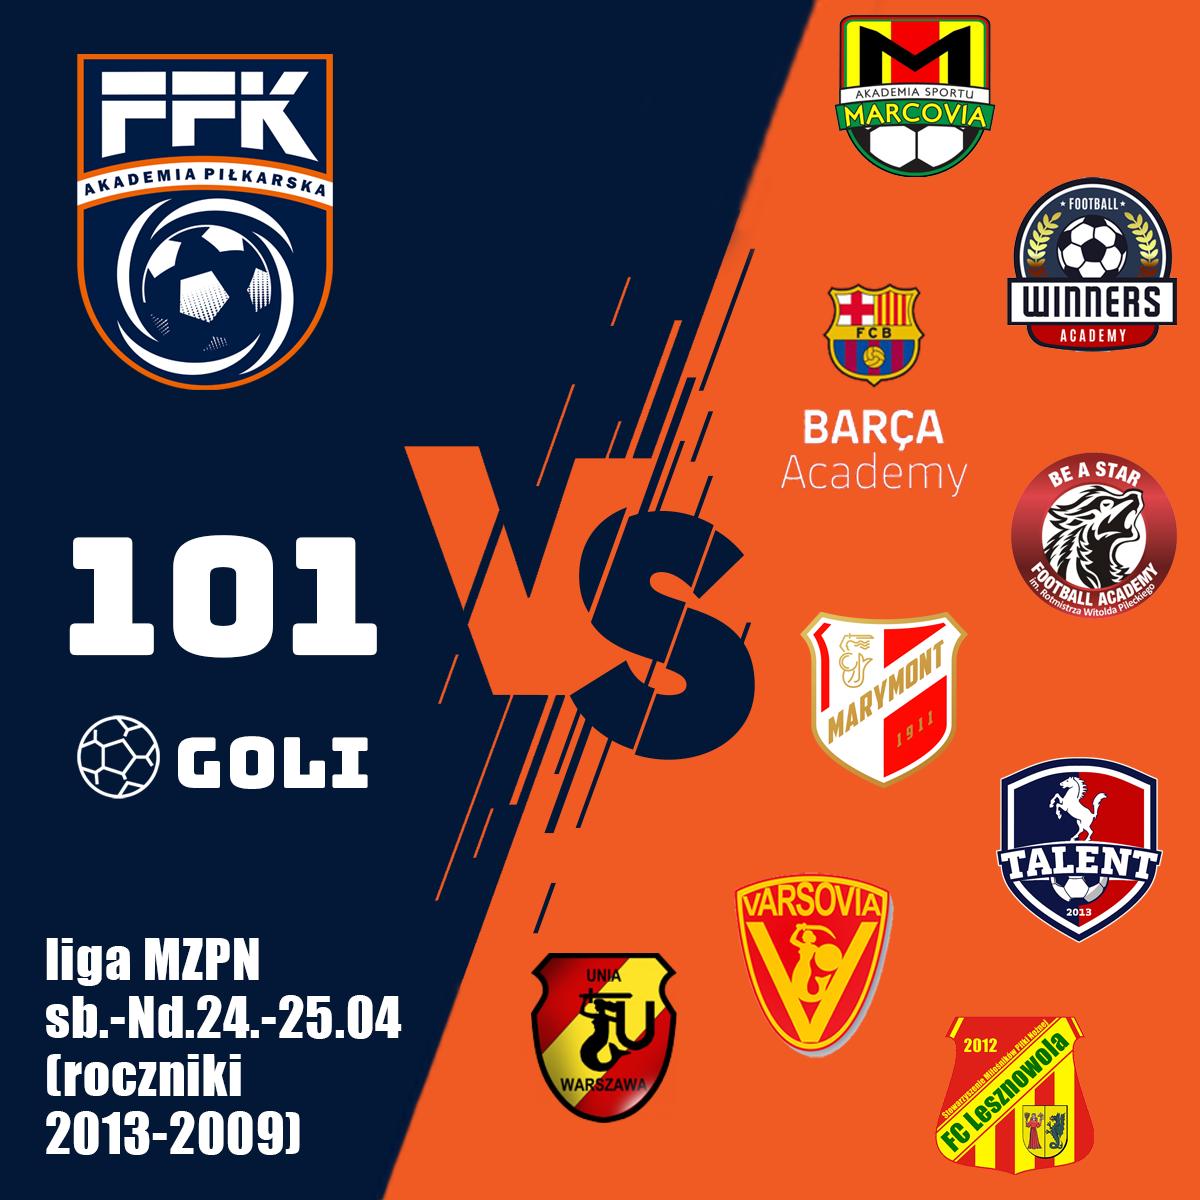 https://ffksport.pl/wp-content/uploads/2021/05/FFK-Liga-MZPN-24-25.05.png